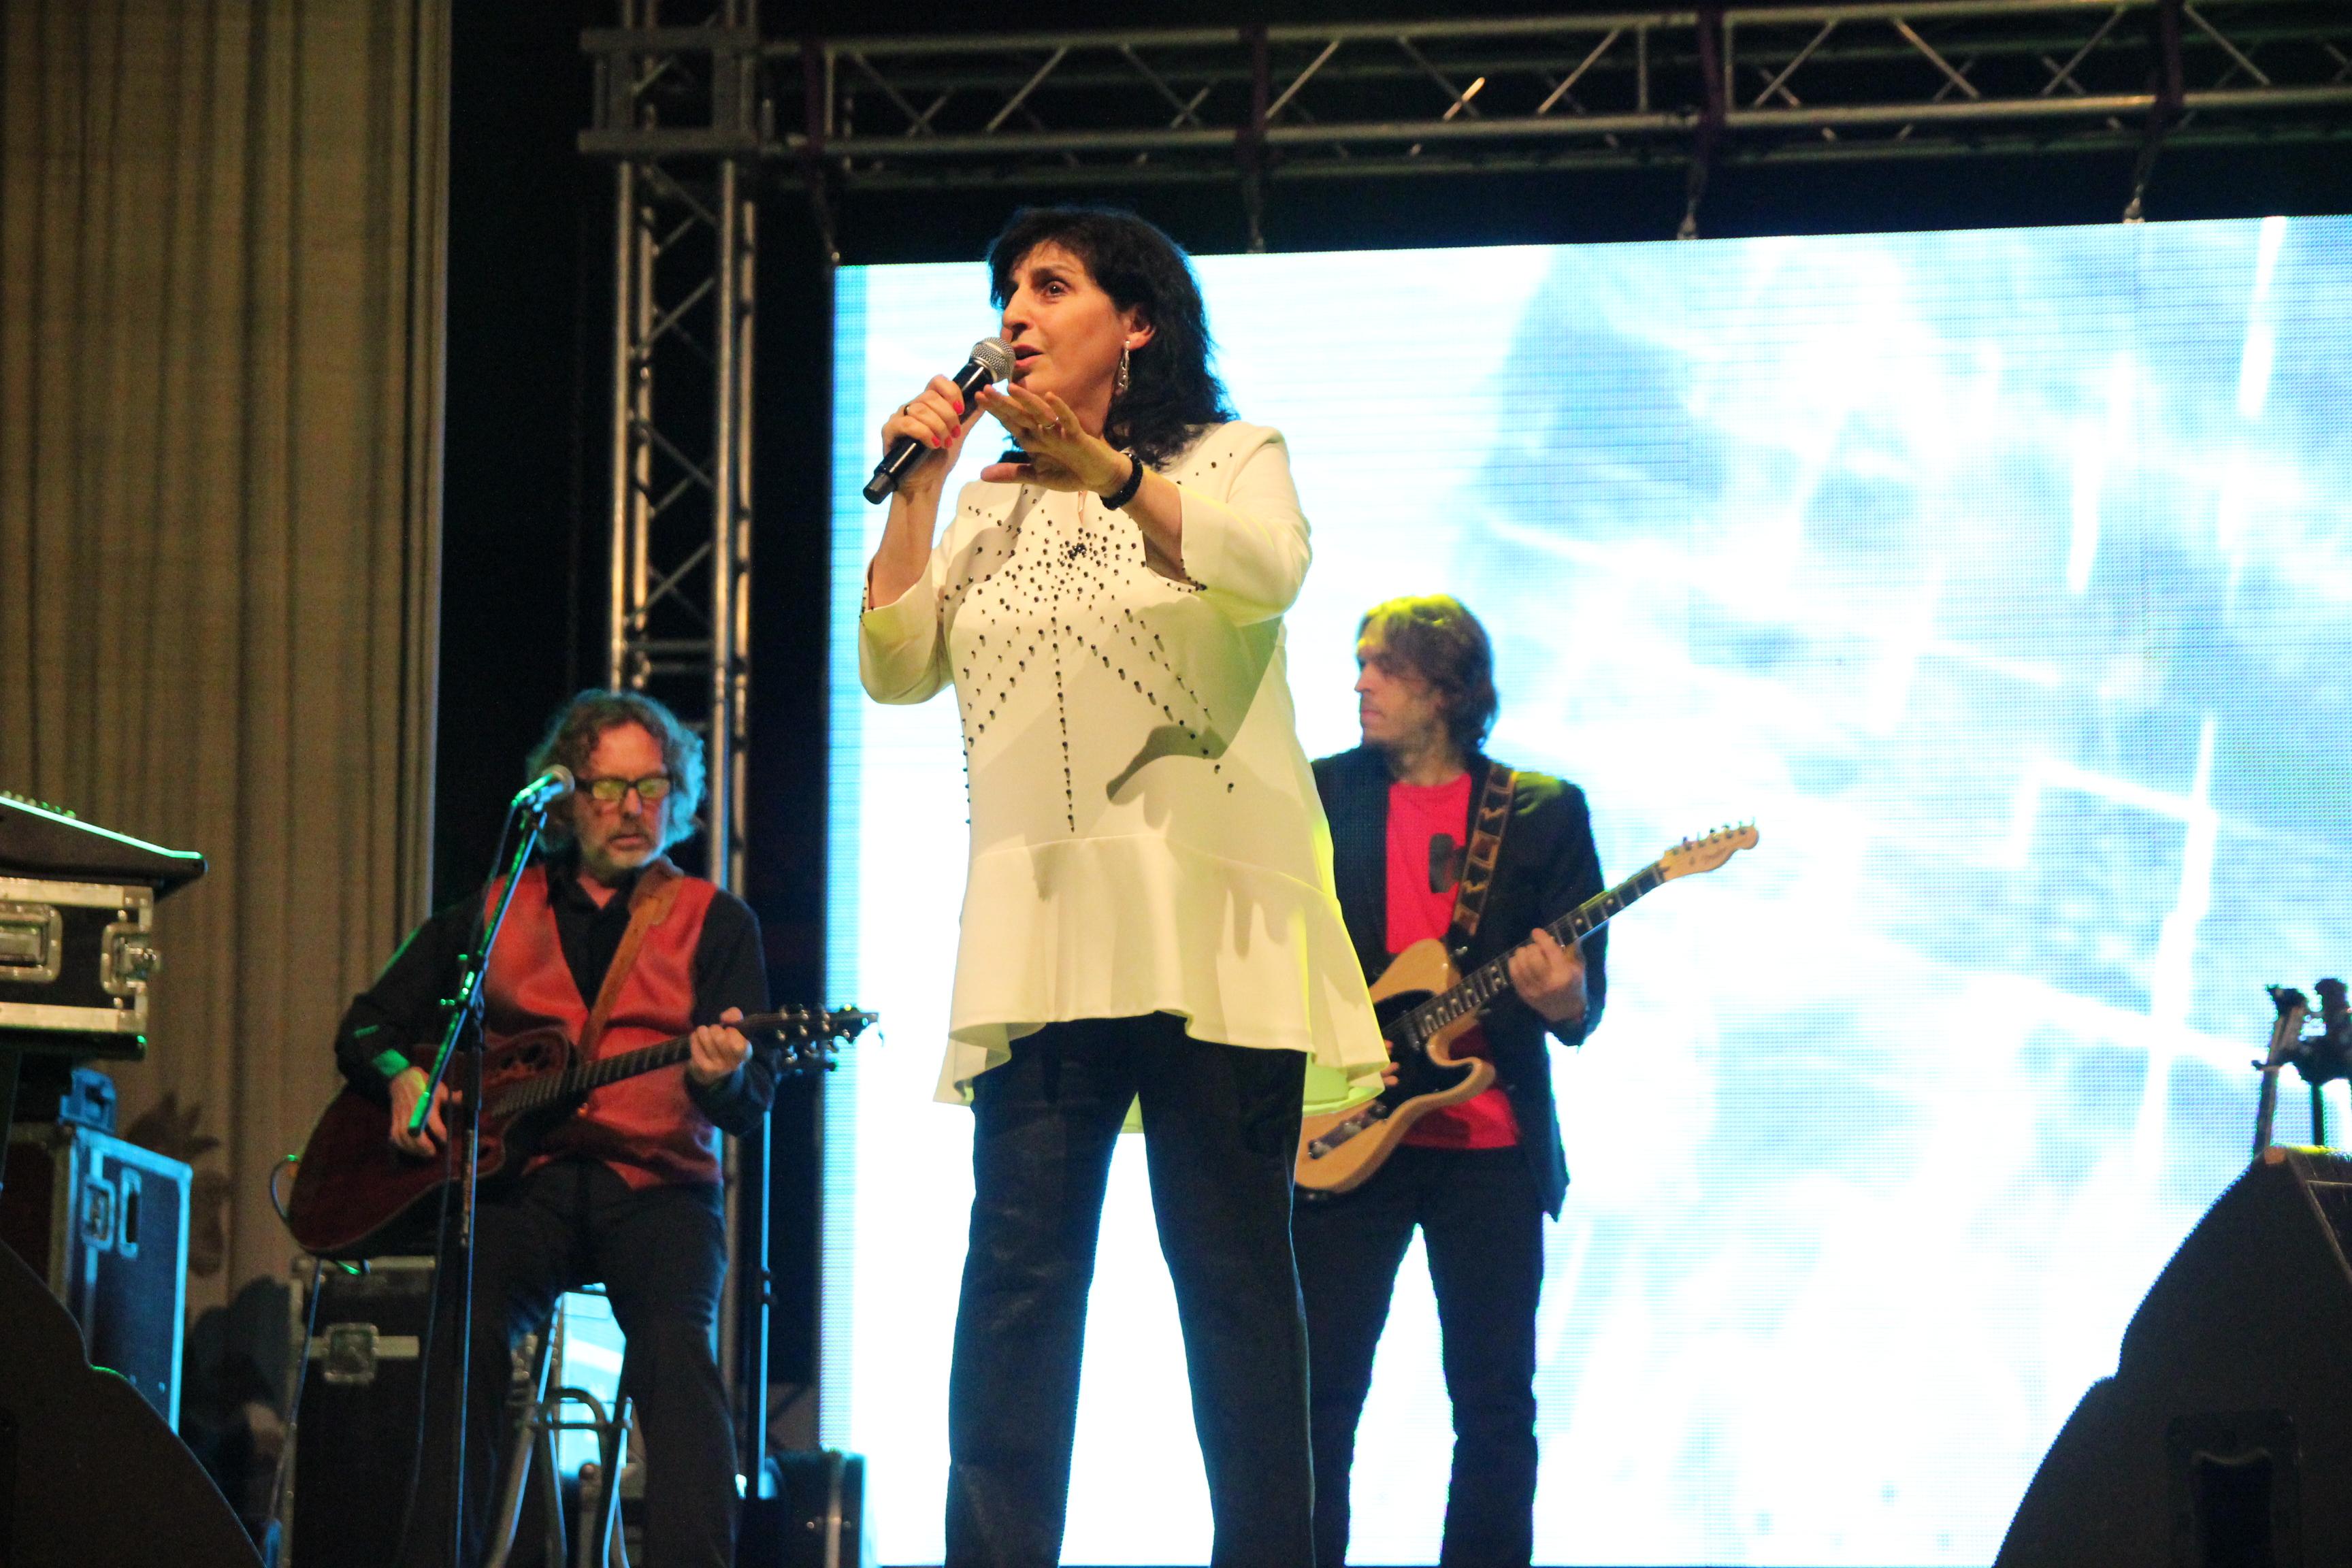 Przez Warmię do świętości: Zobacz zdjęcia z koncertu Eleni